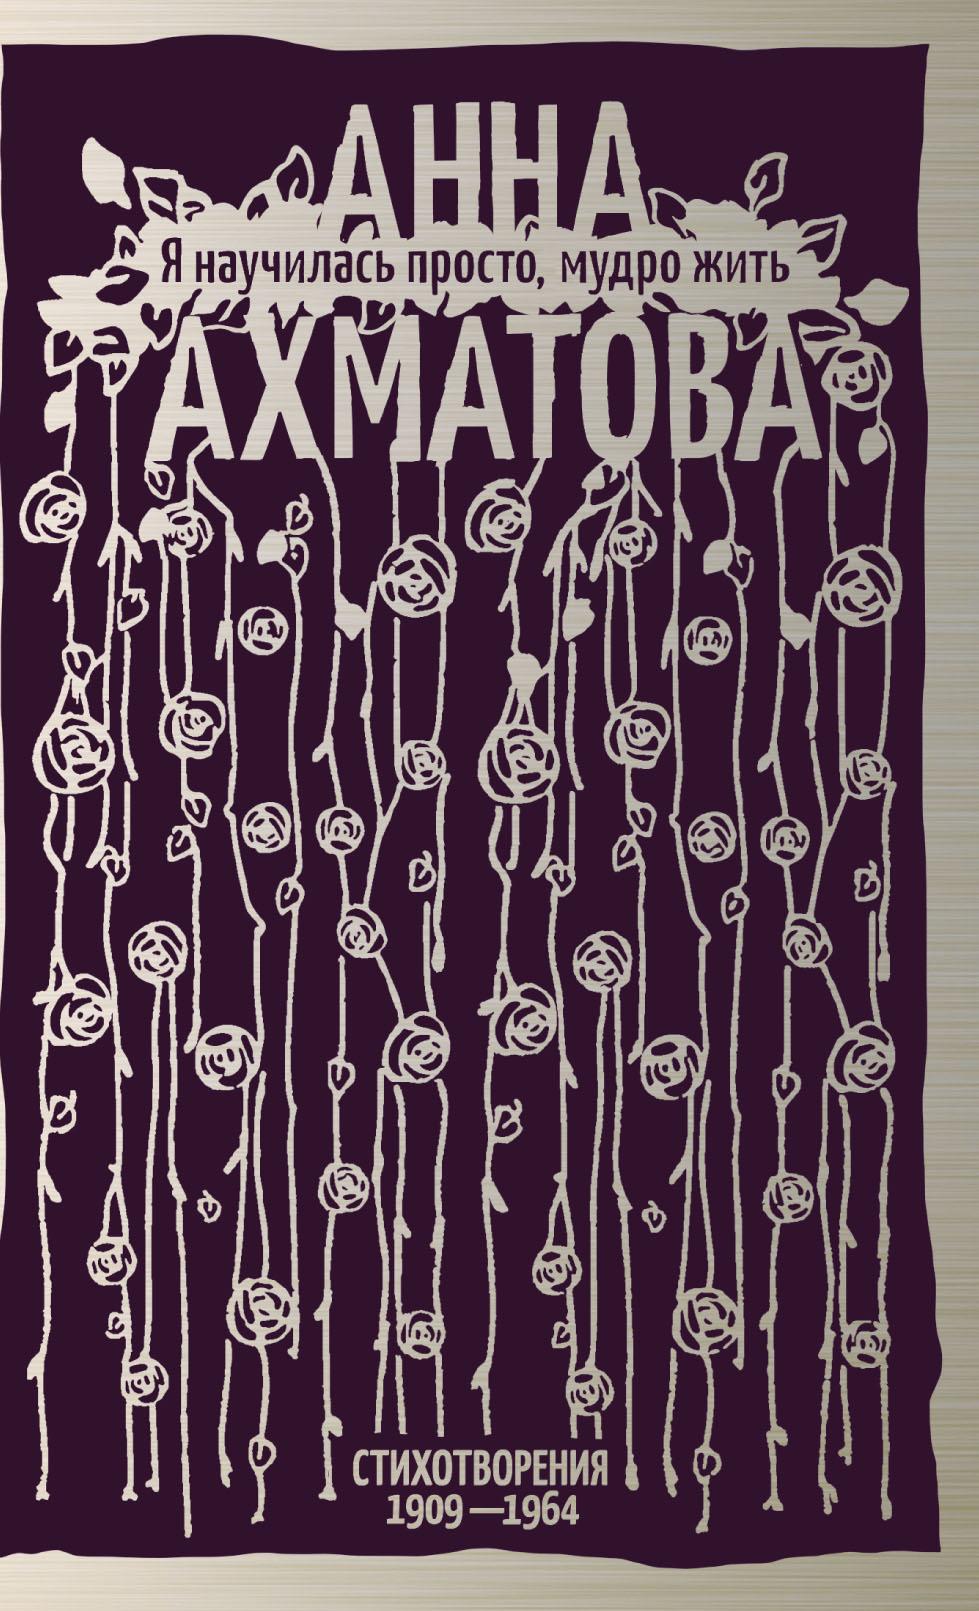 Анна Ахматова Я научилась просто, мудро жить. Стихотворения 1909–1964 ахматова анна андреевна столько просьб у любимой всегда